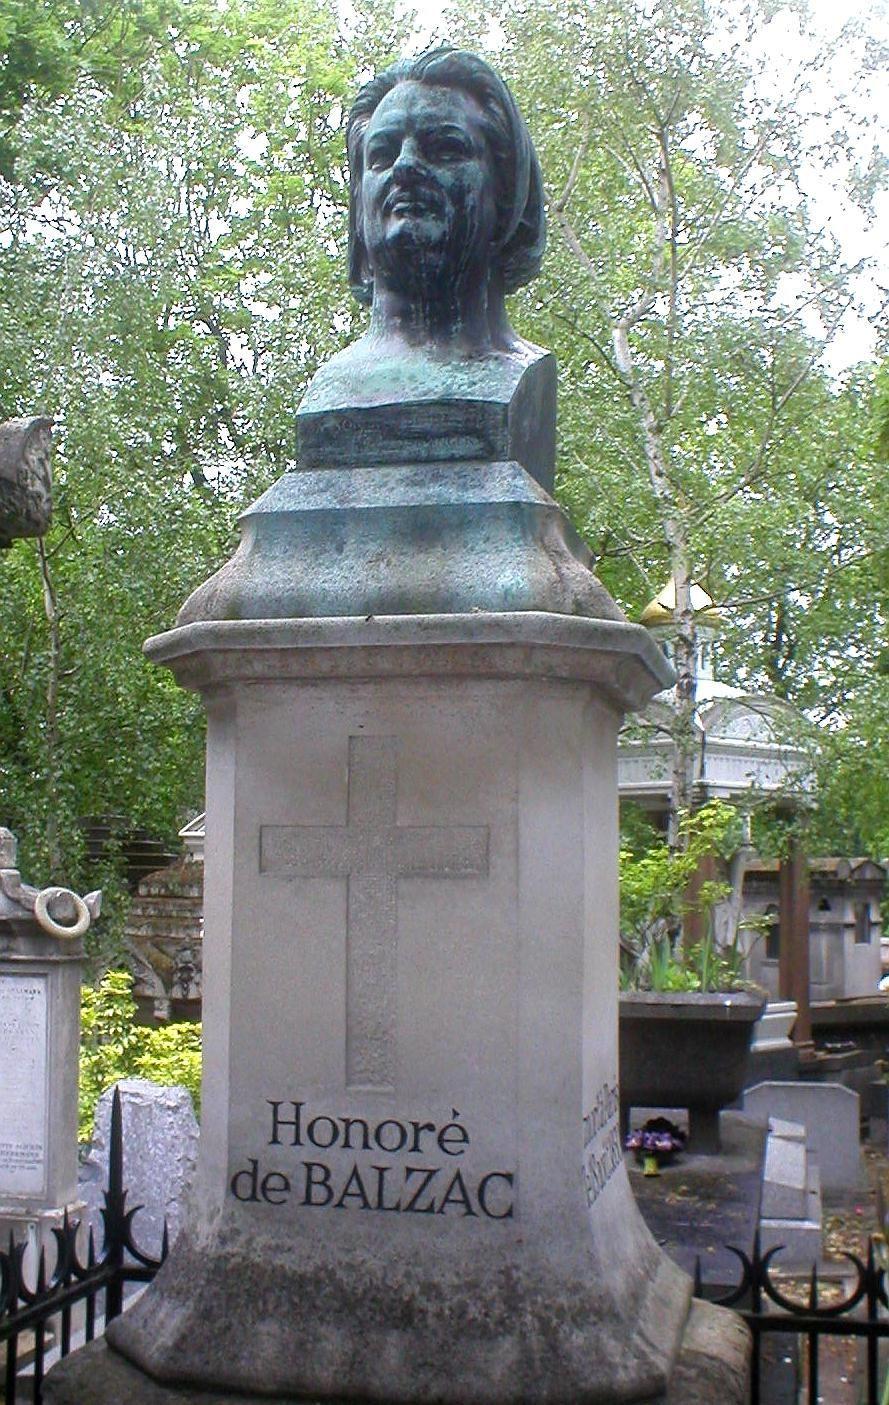 Honore de Balzac's grave